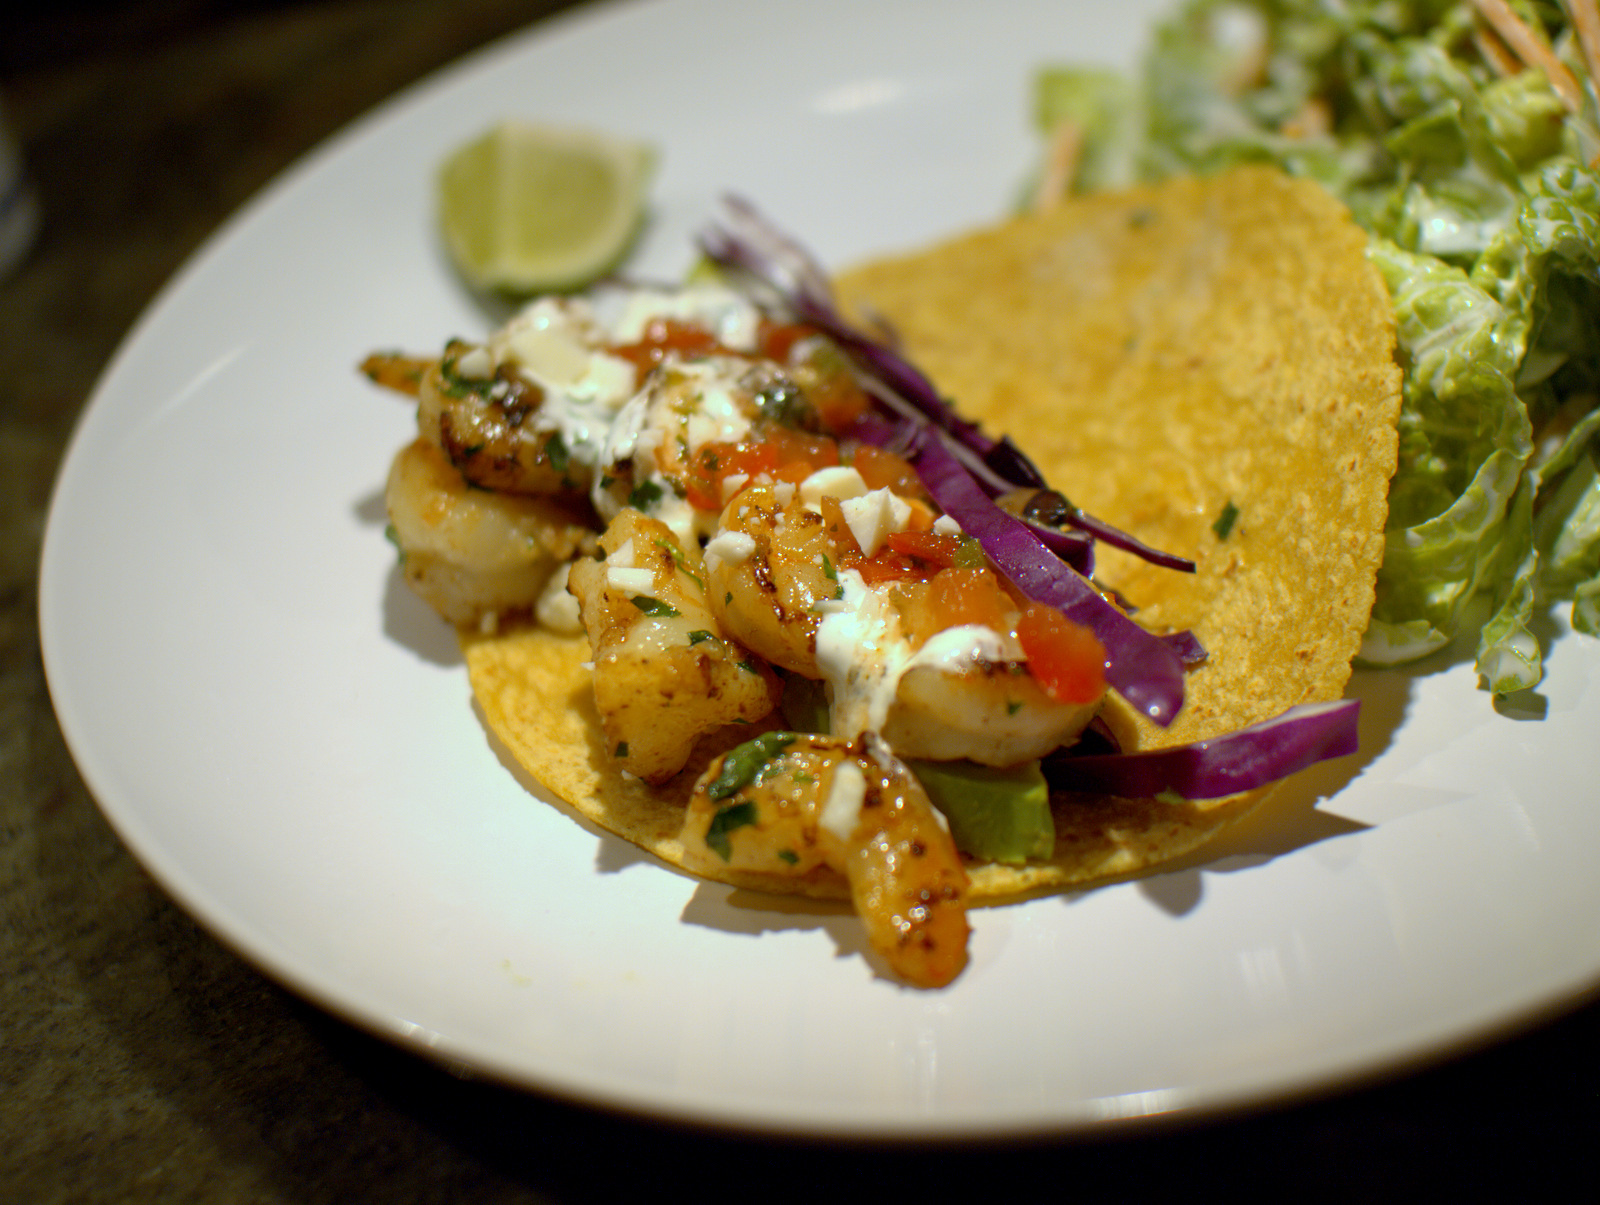 California Burritos Mexican Food West Sacramento Ca